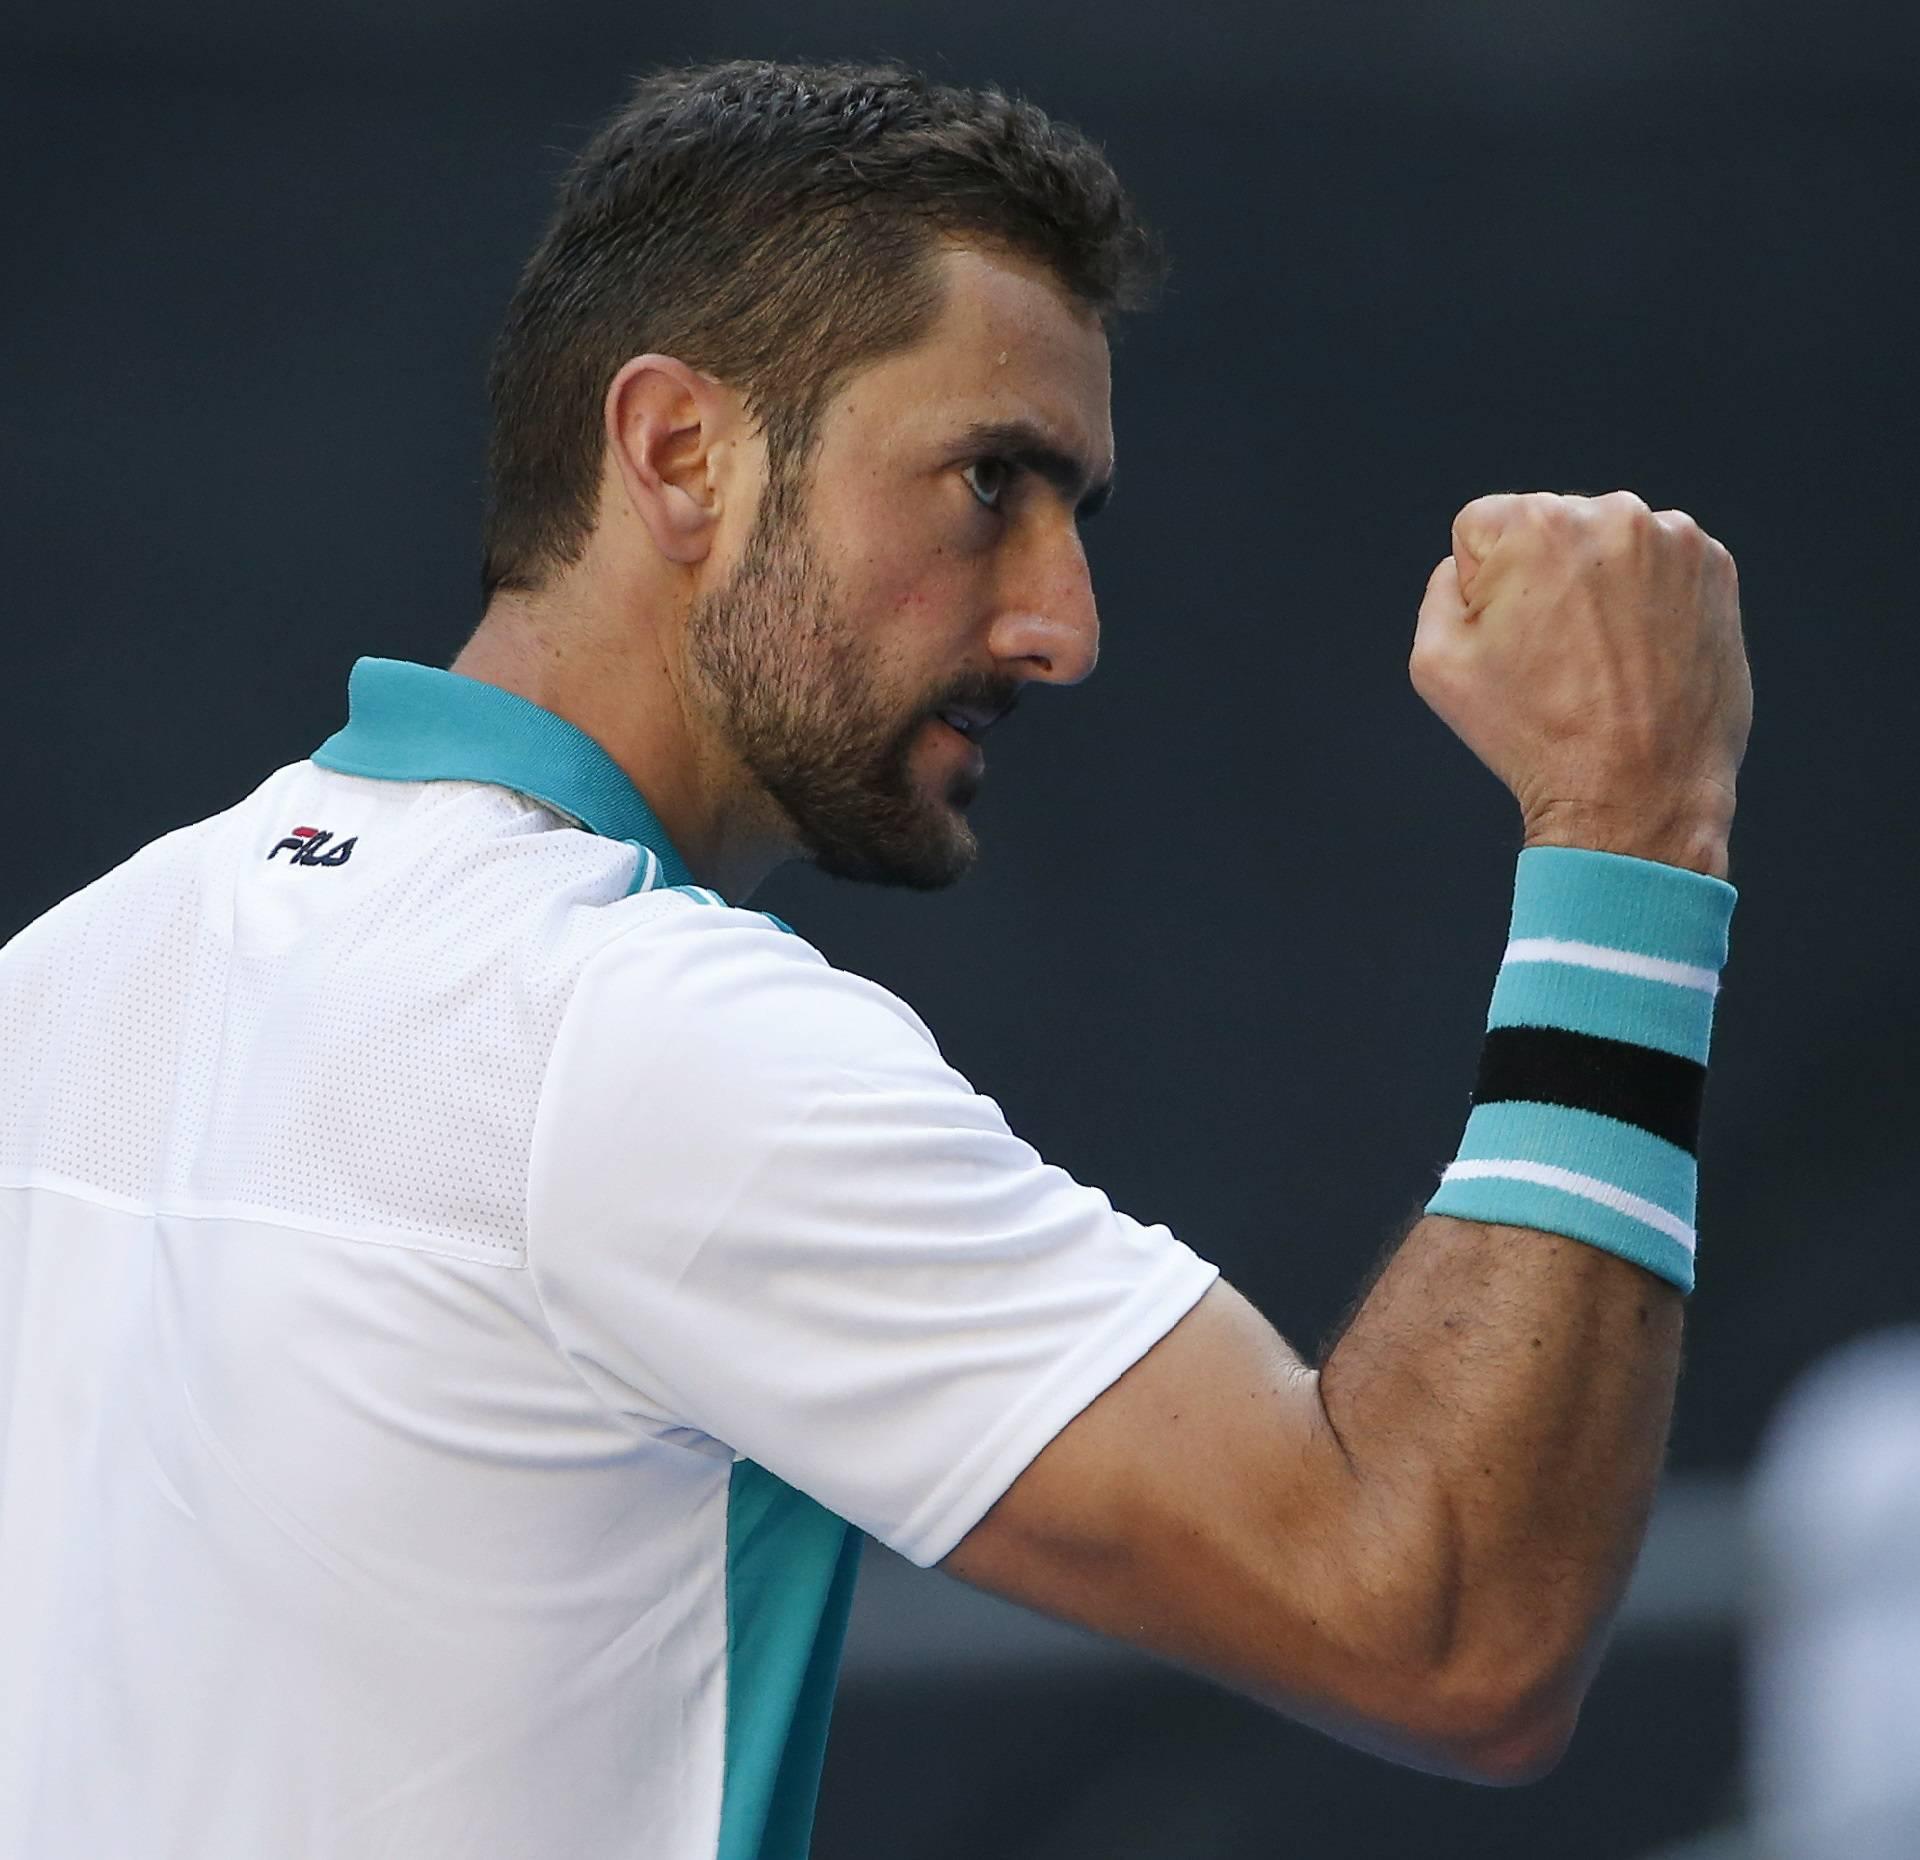 Tennis - Australian Open - Marin Cilic of Croatia v Vasek Pospisil of Canada - Hisense Arena, Melbourne, Australia